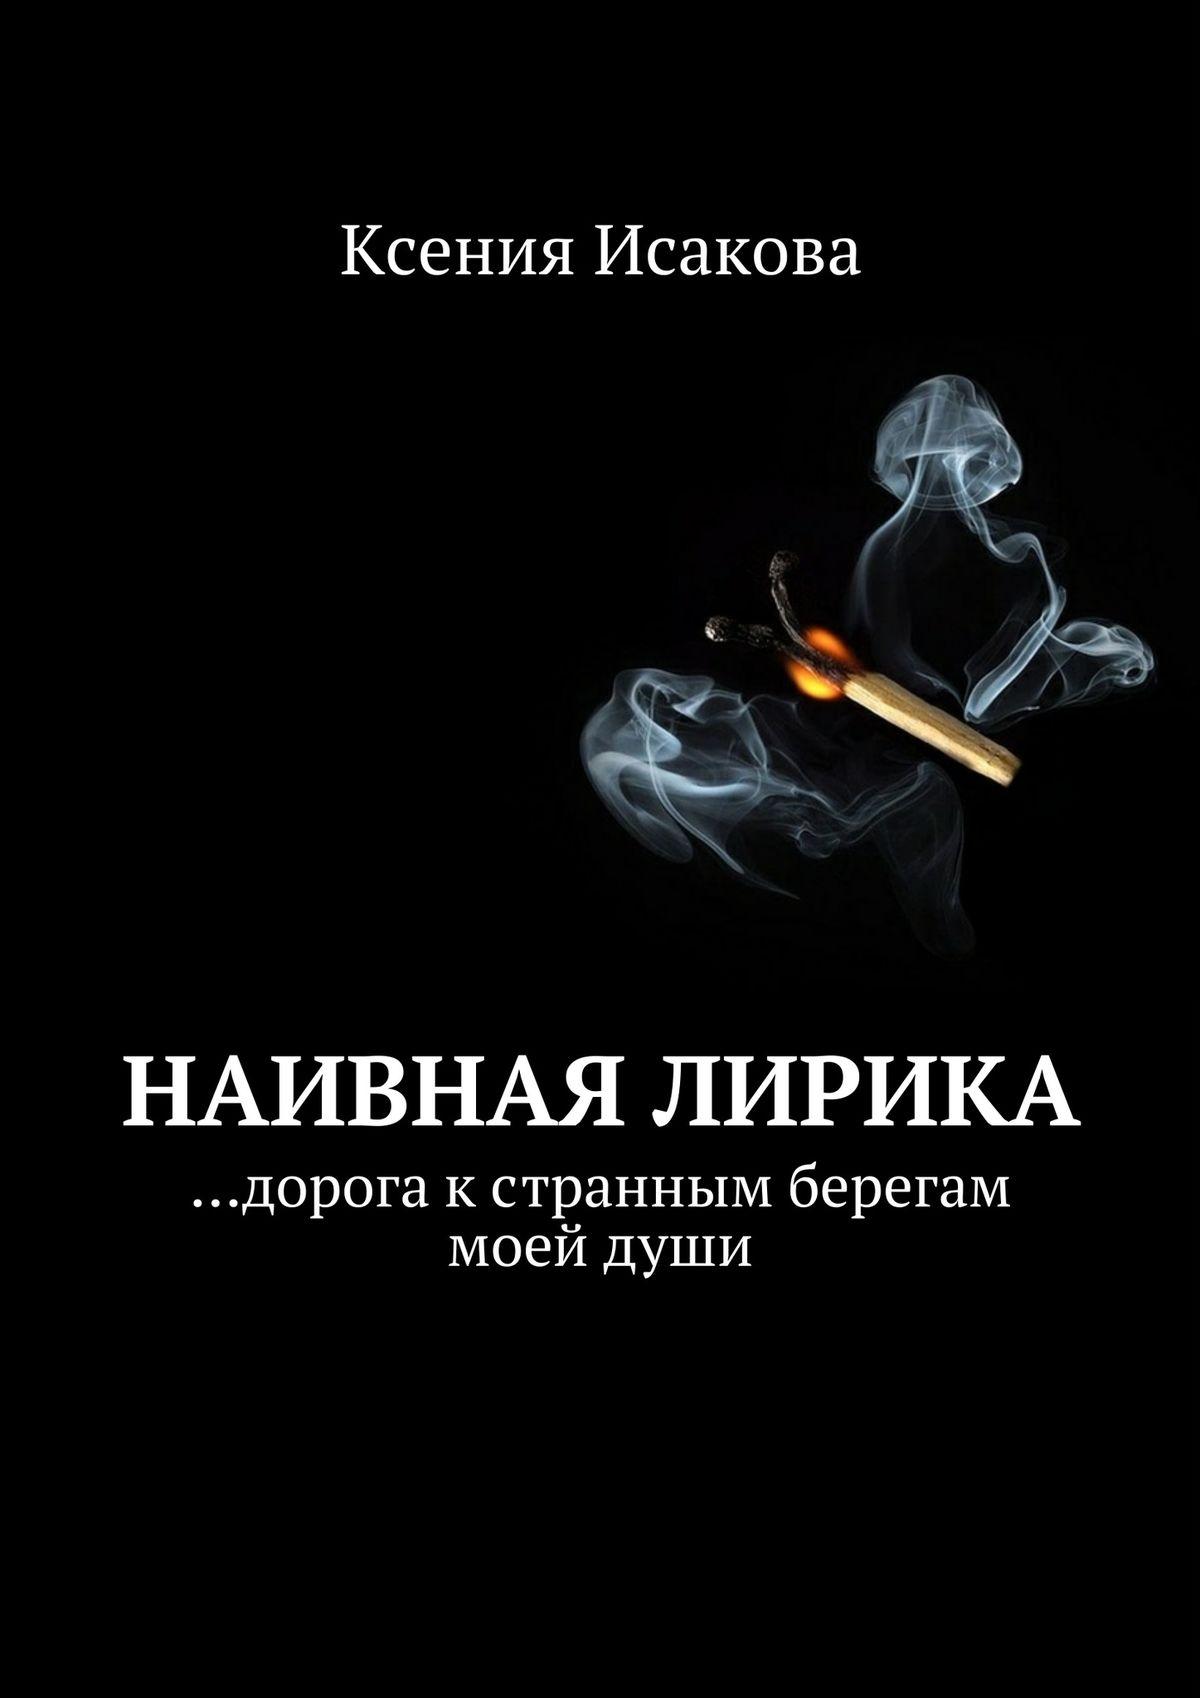 Ксения Исакова Наивная лирика …дорога к странным берегам моей души цены